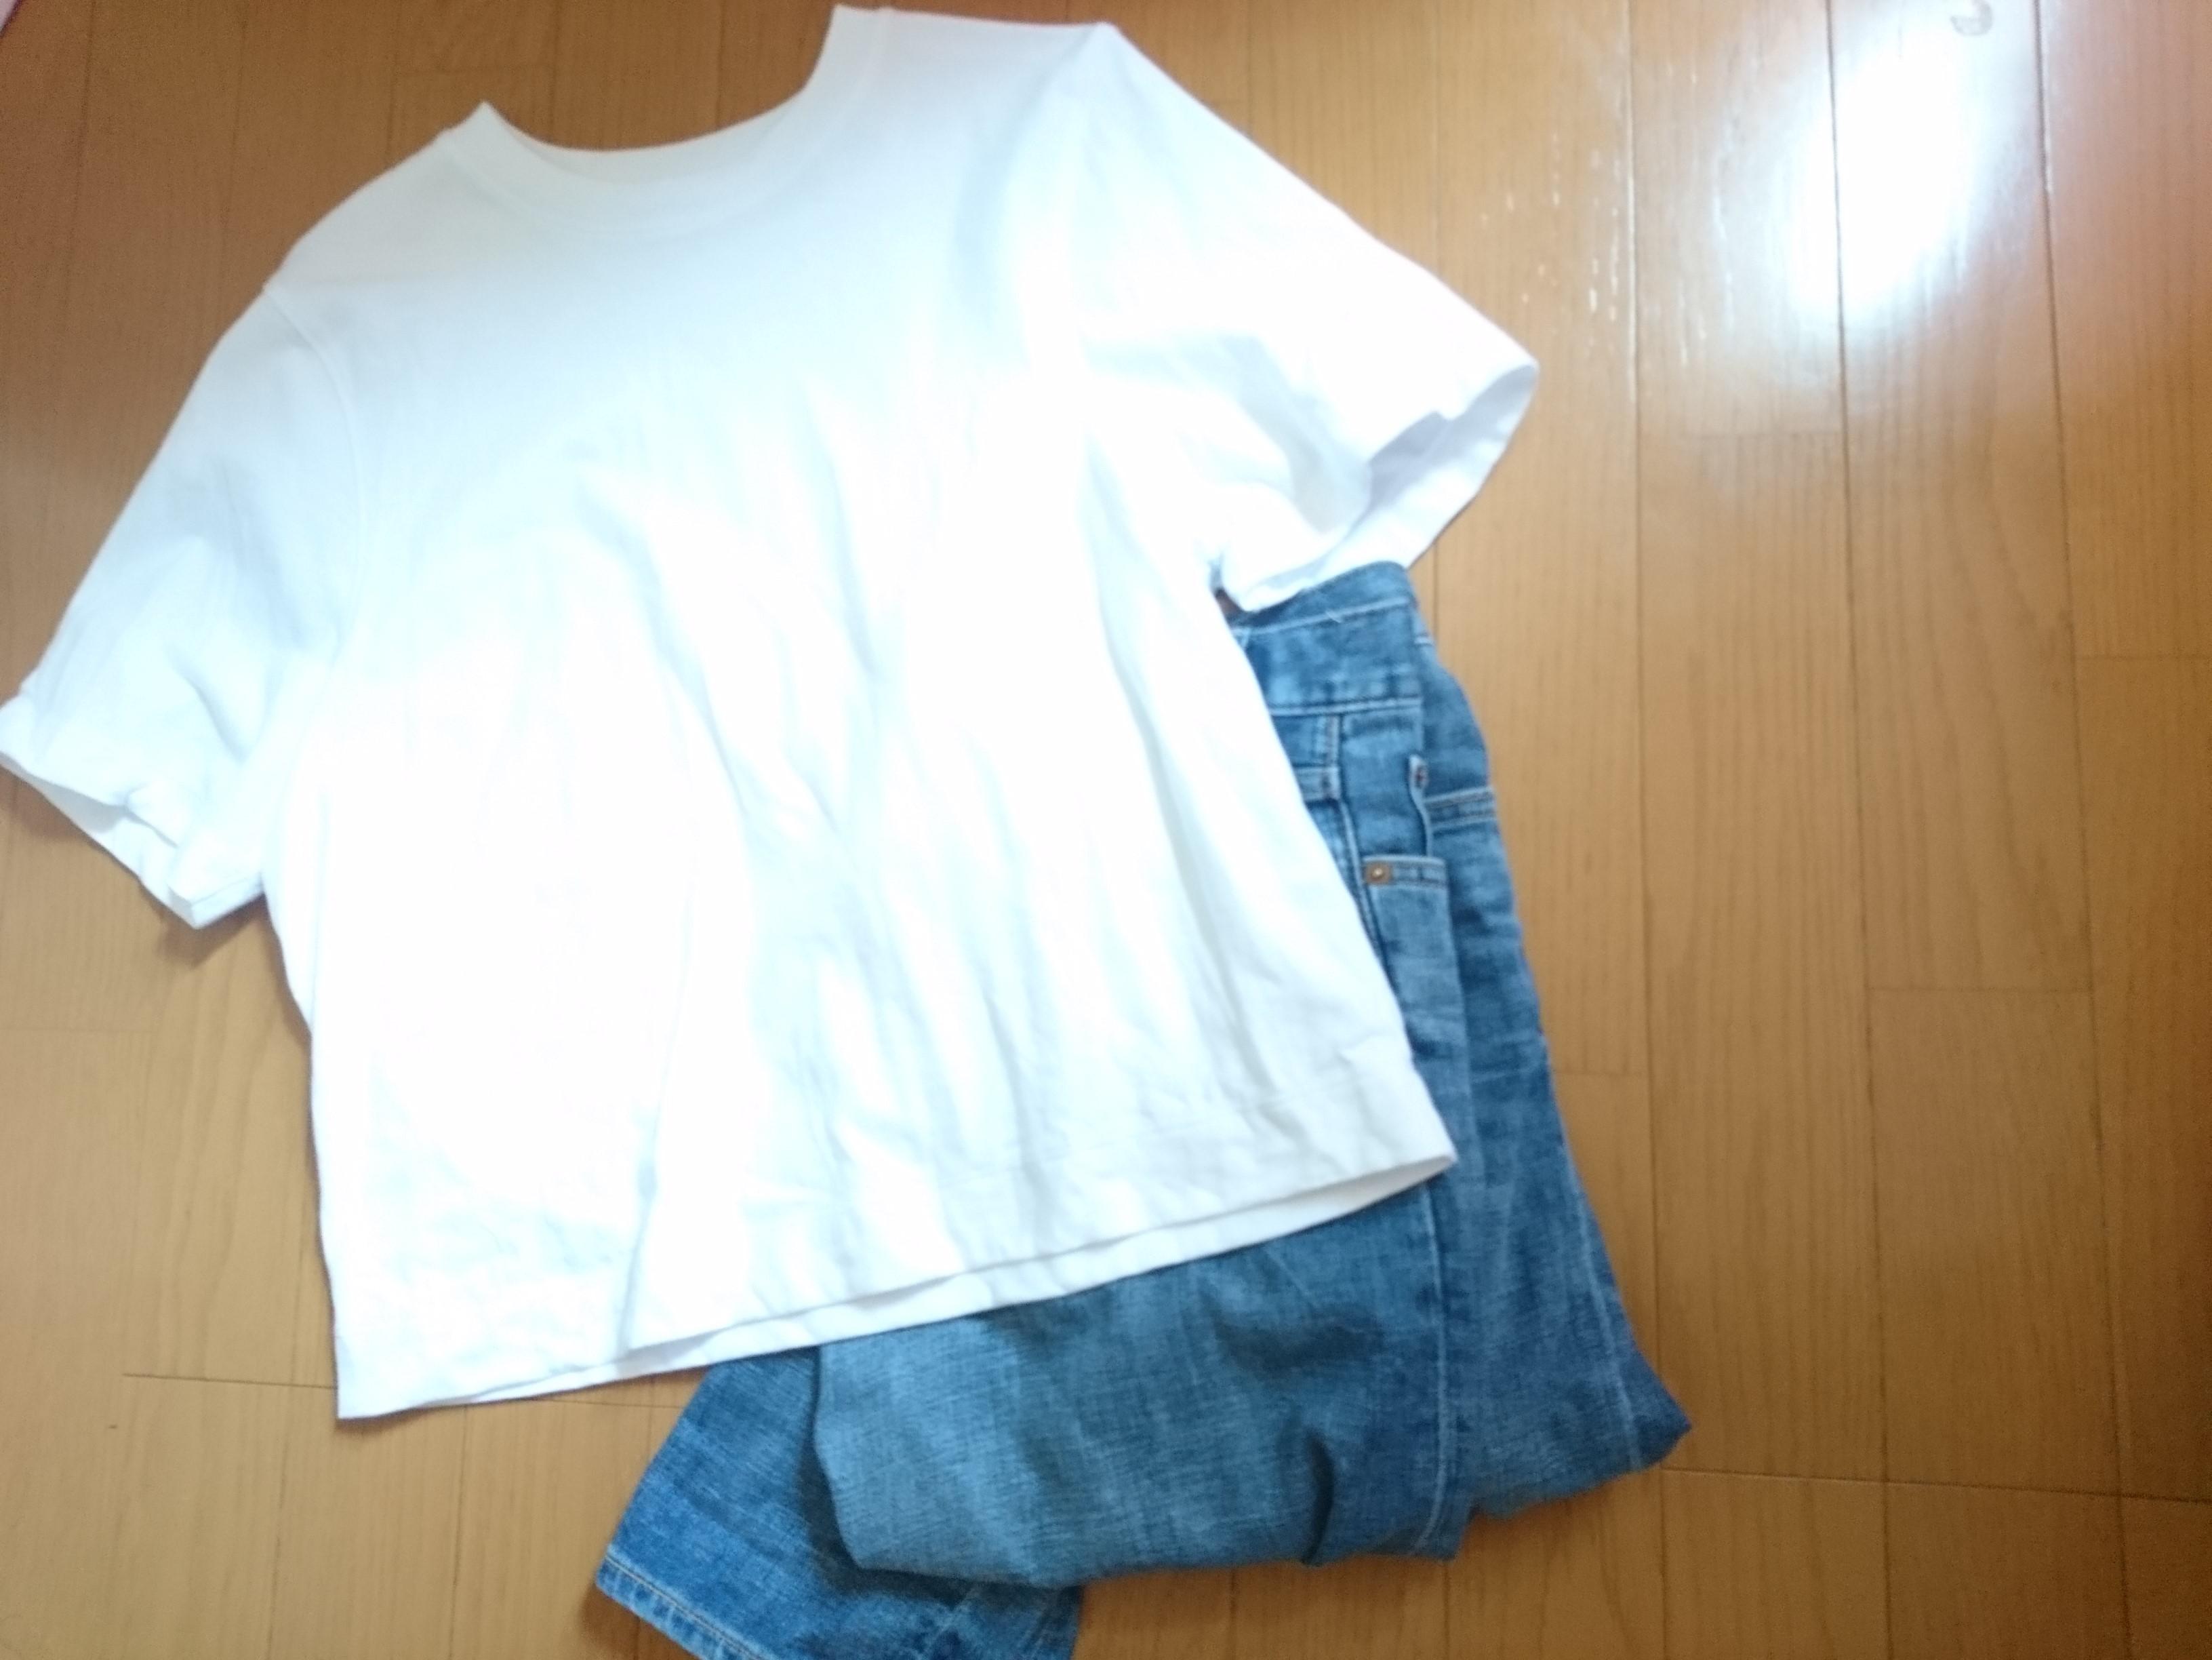 ユニクロのTシャツ特集 - UTやユニクロ ユーなど、夏の定番無地Tシャツ、限定コラボTシャツまとめ_18